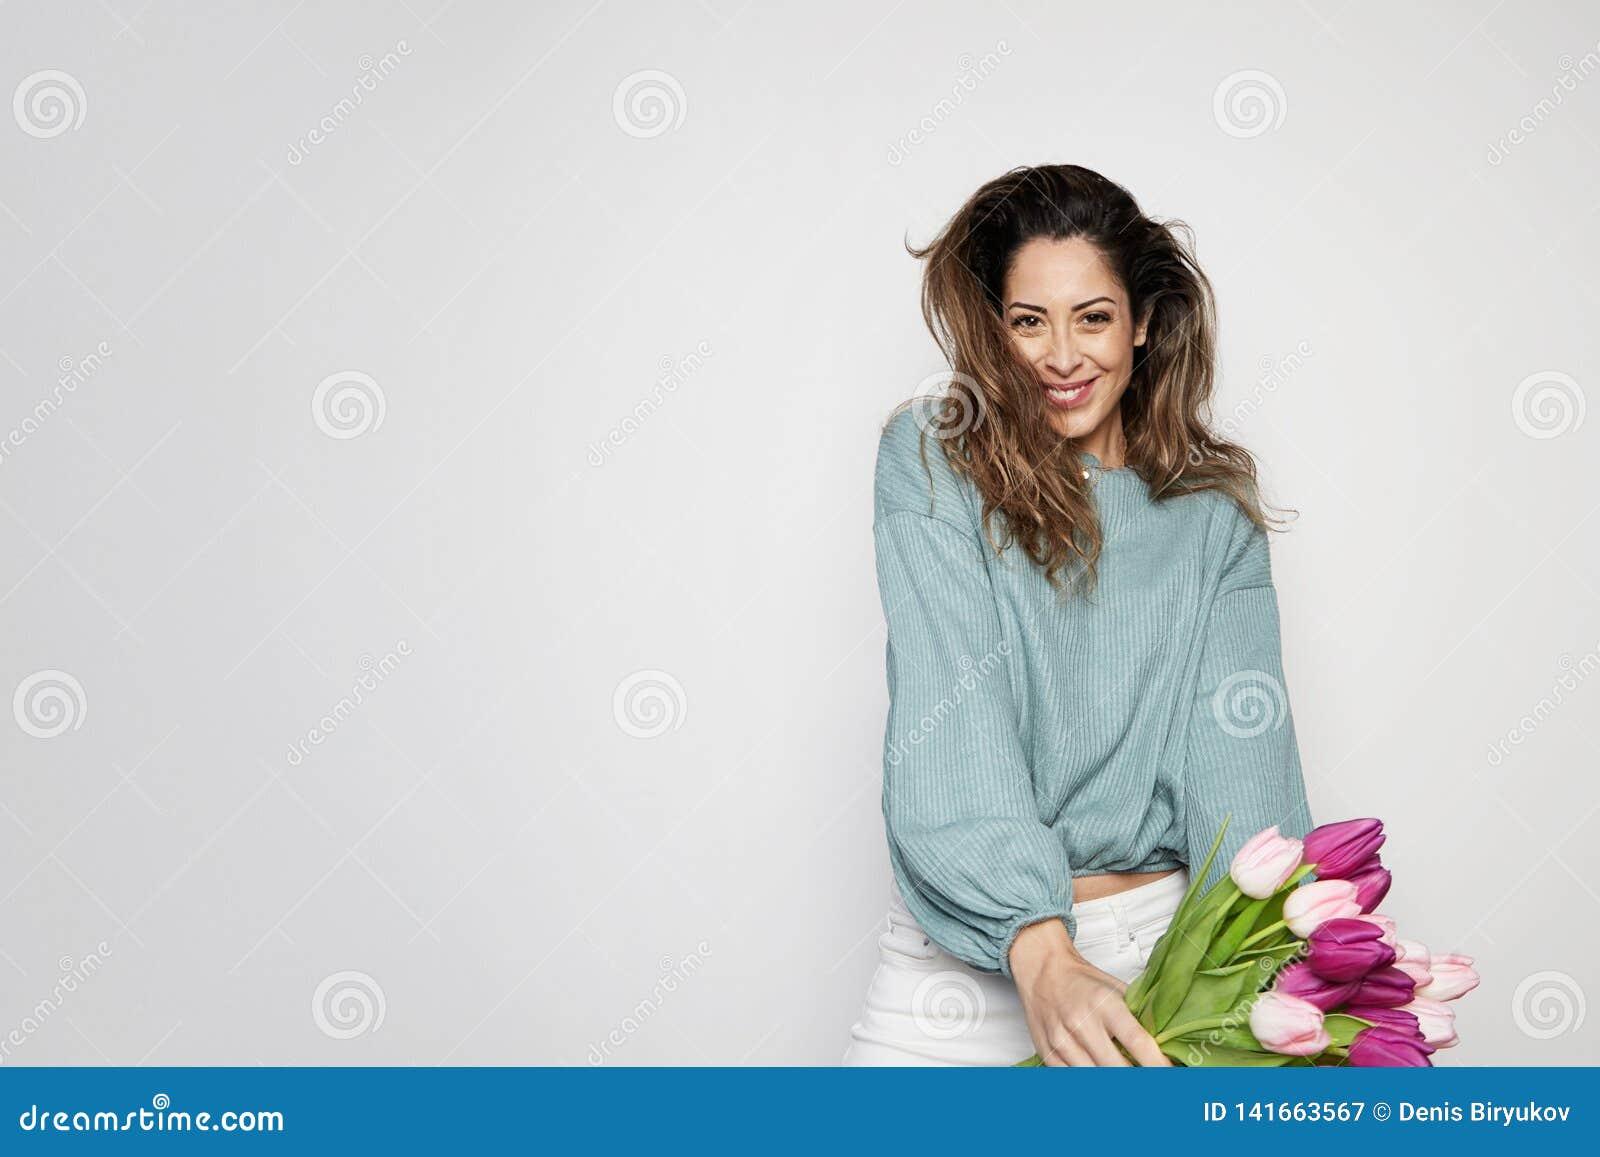 拿着色的郁金香花束的一微笑的年轻女人的画象被隔绝在灰色背景 复制浆糊空间